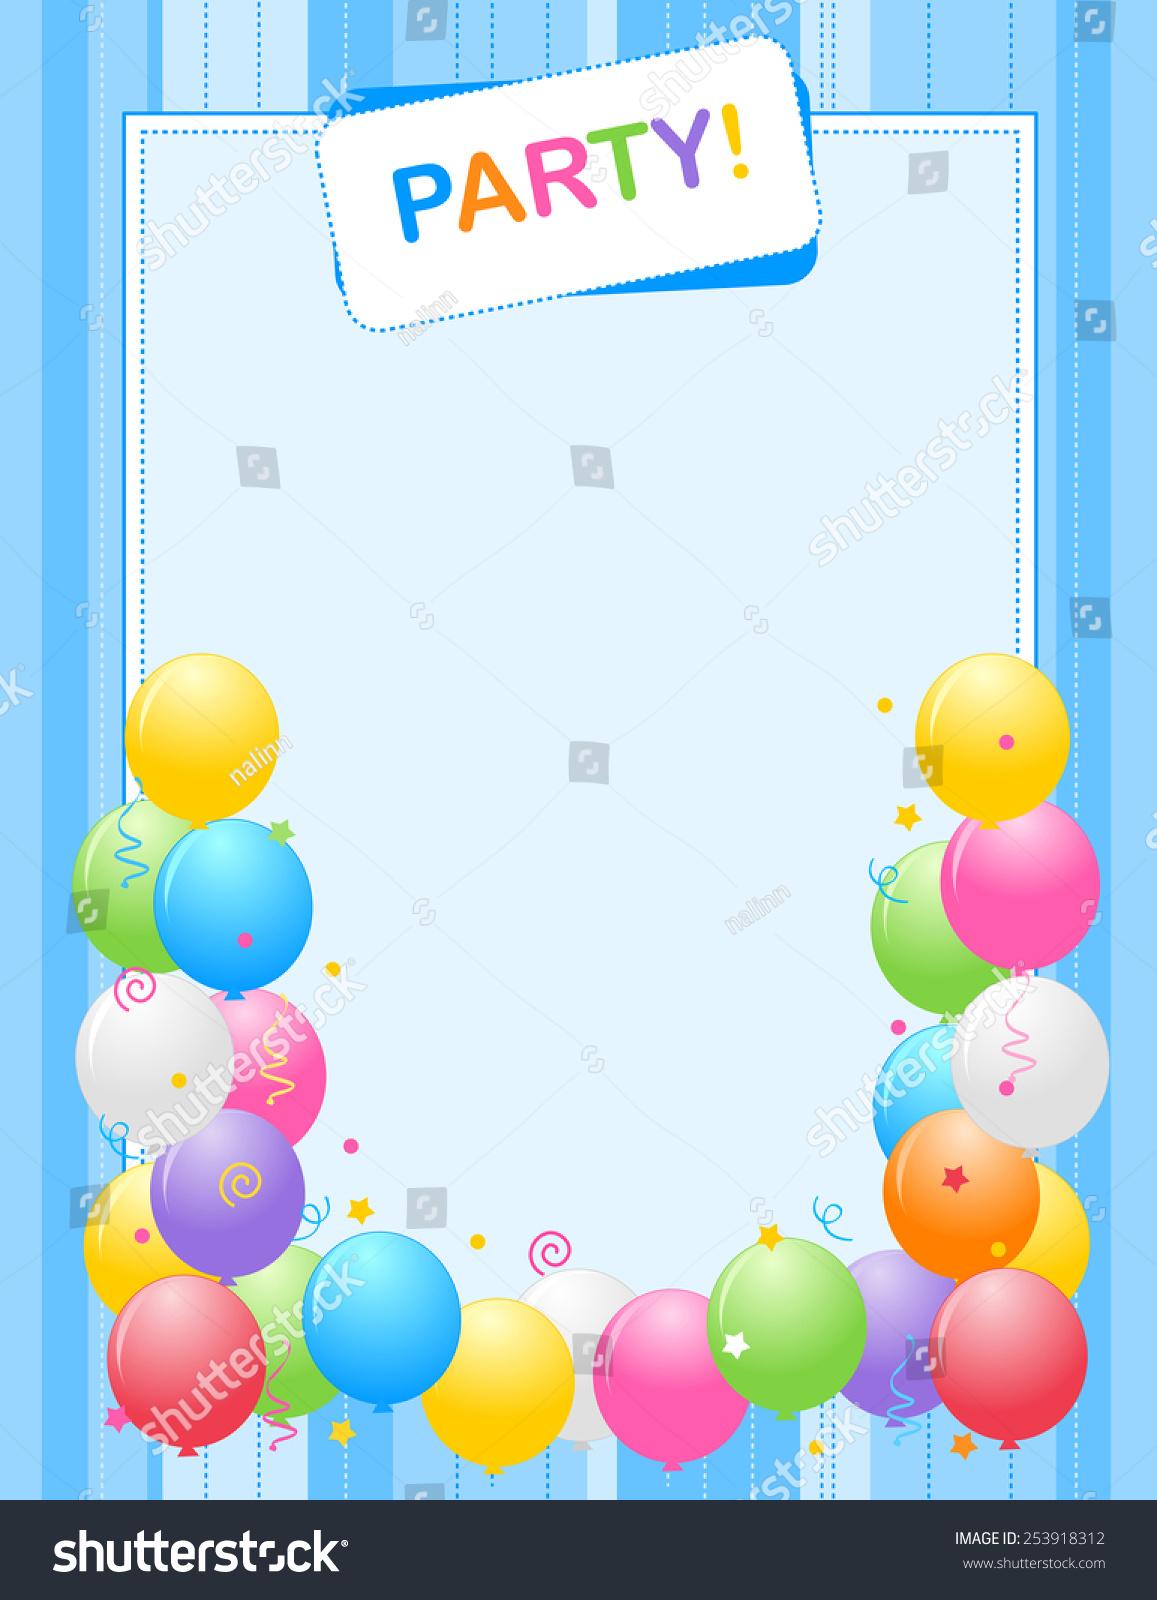 https www shutterstock com image vector colorful balloons border frame illustration birthday 253918312